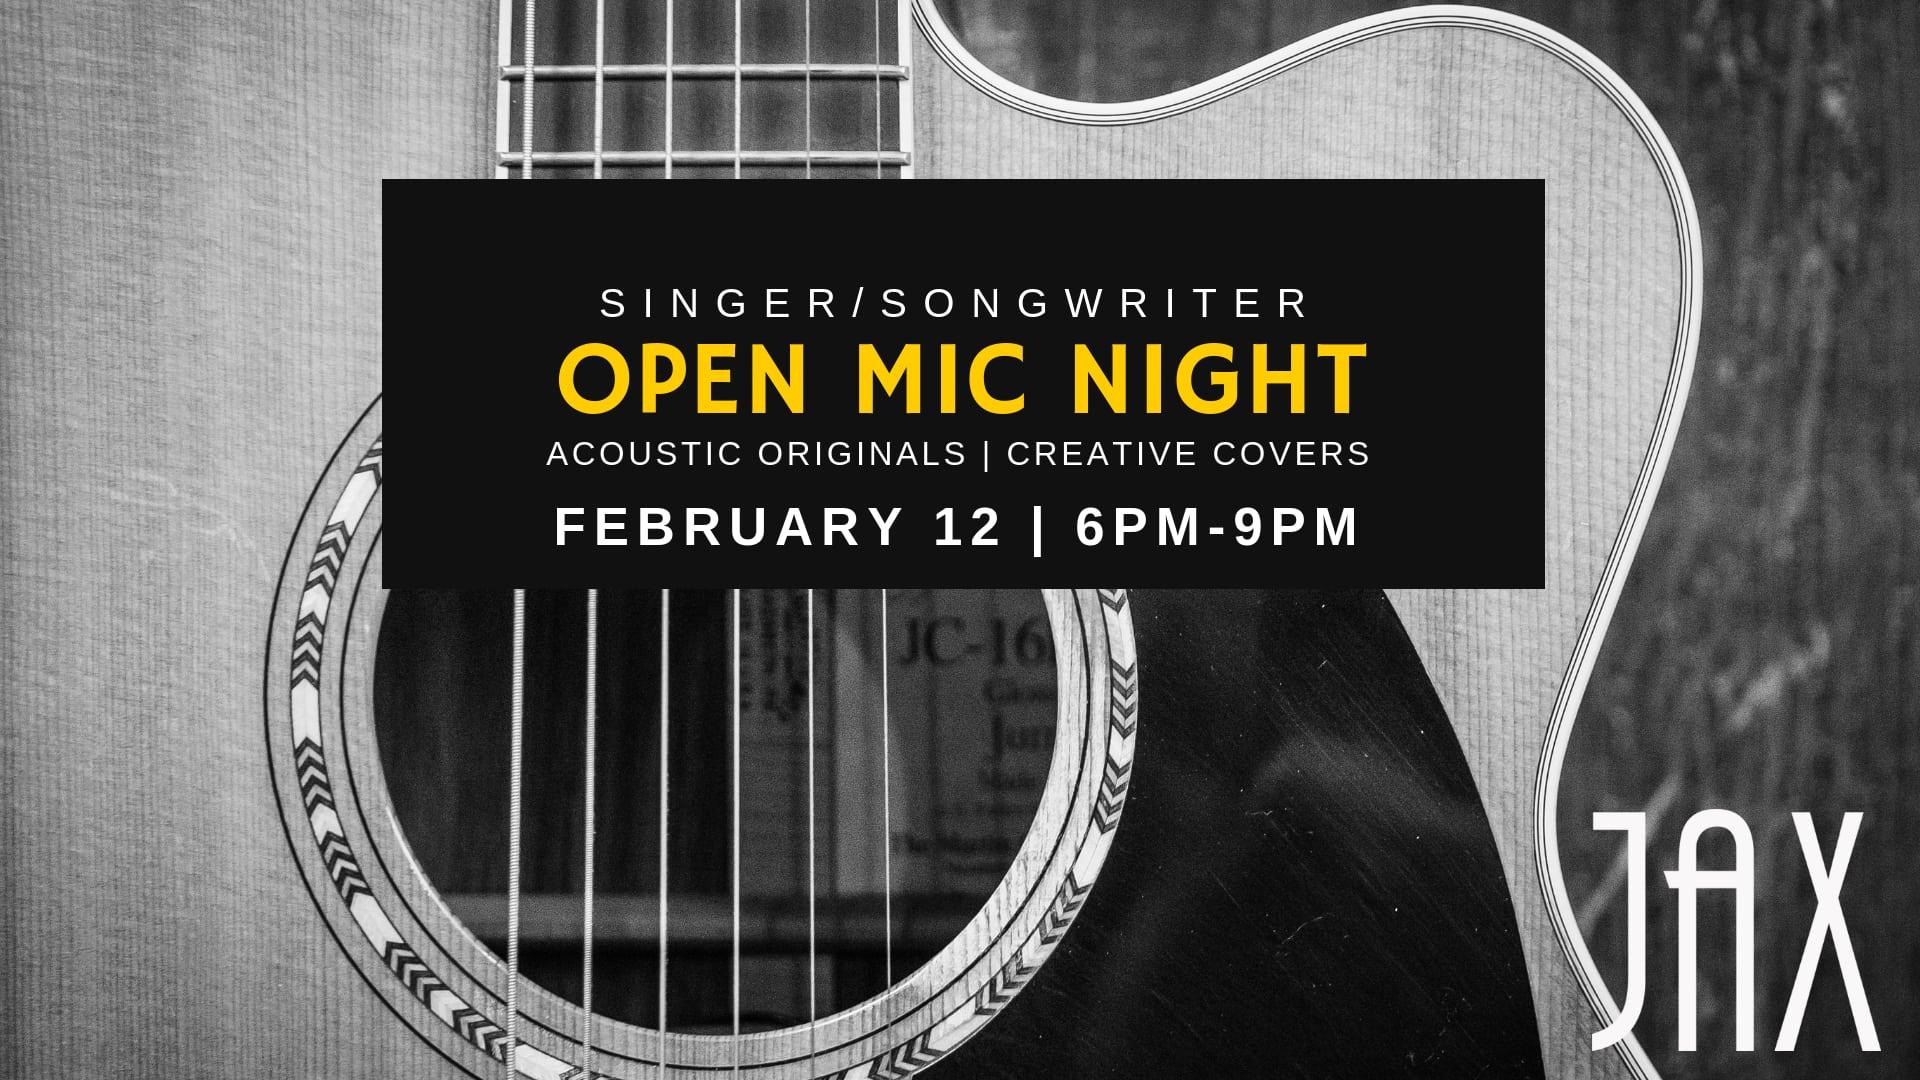 February 12 | SINGER/SONGWRITER OPEN MIC NIGHT